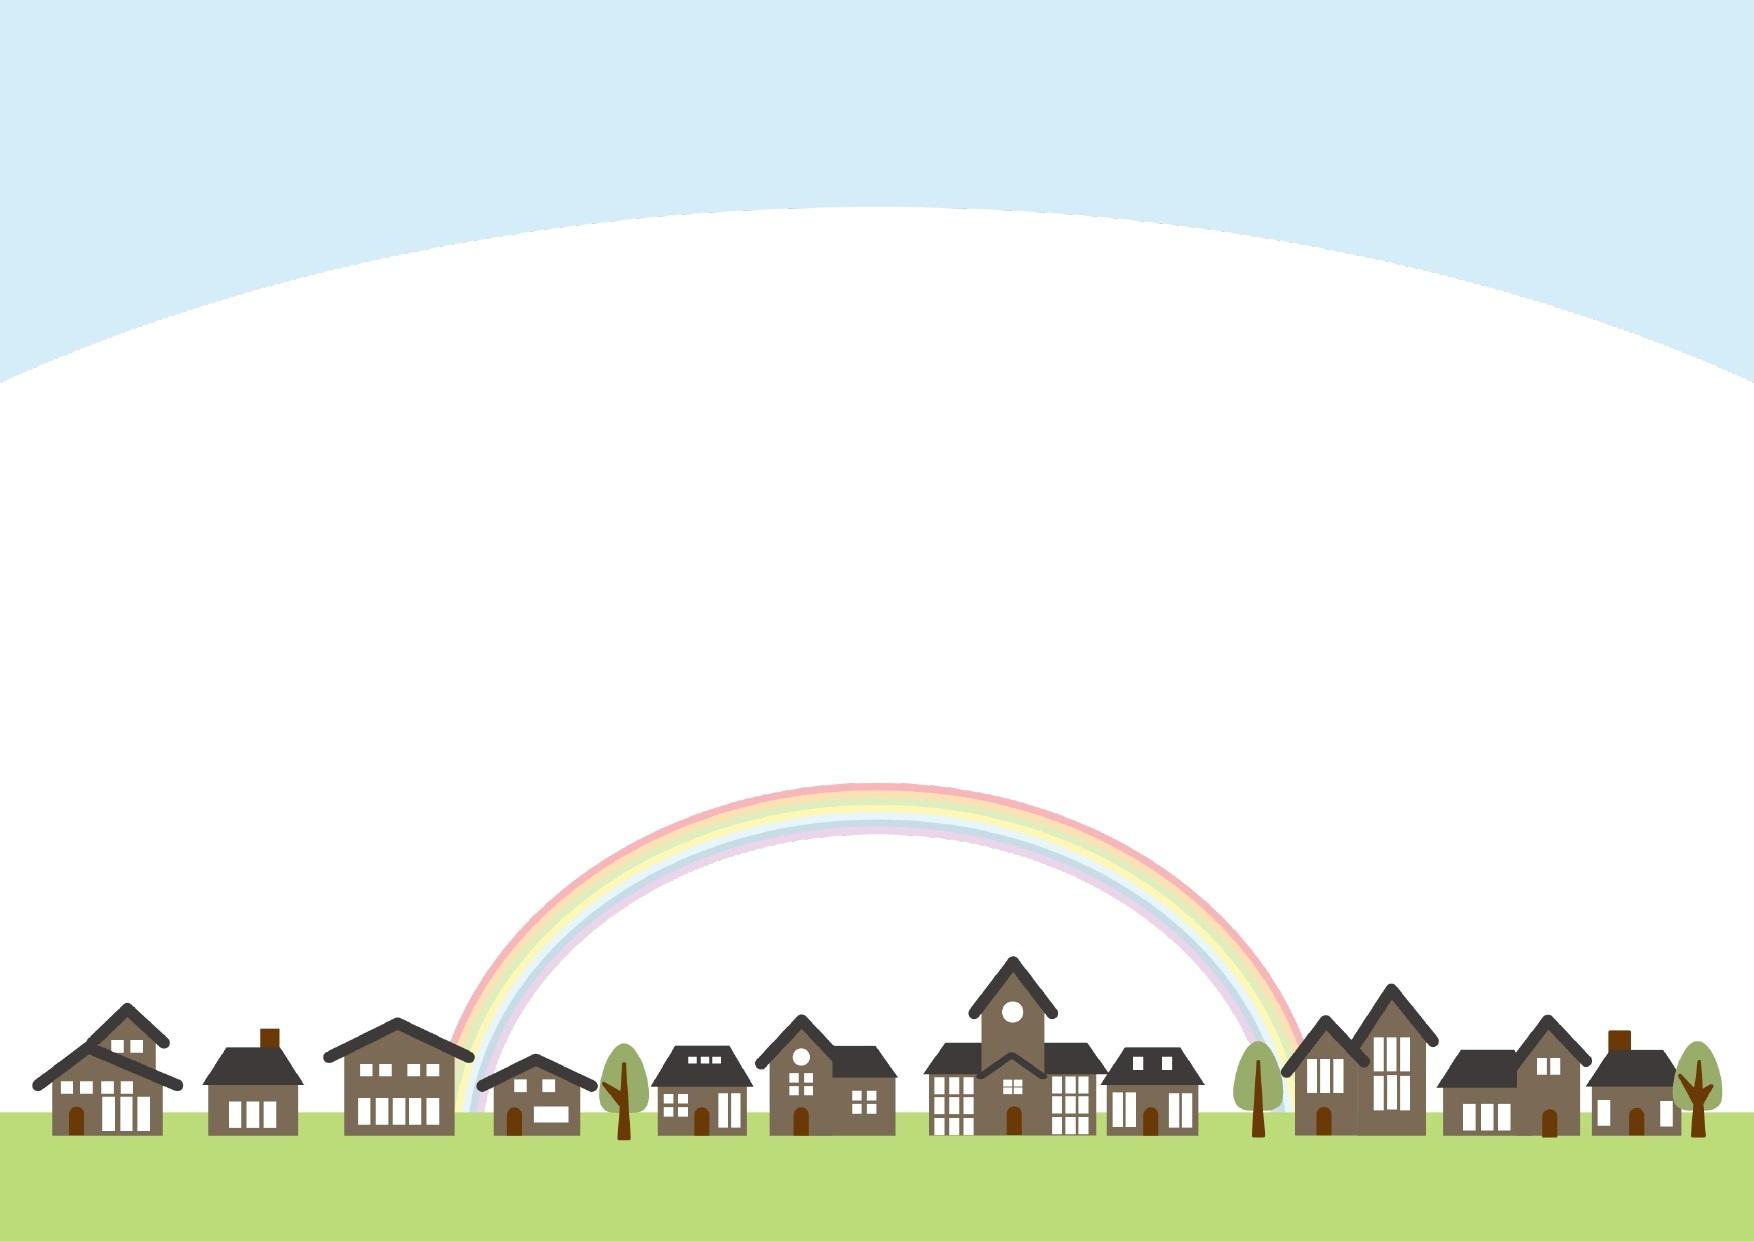 虹子とブラウンの建物の街並みのフレーム・飾り枠